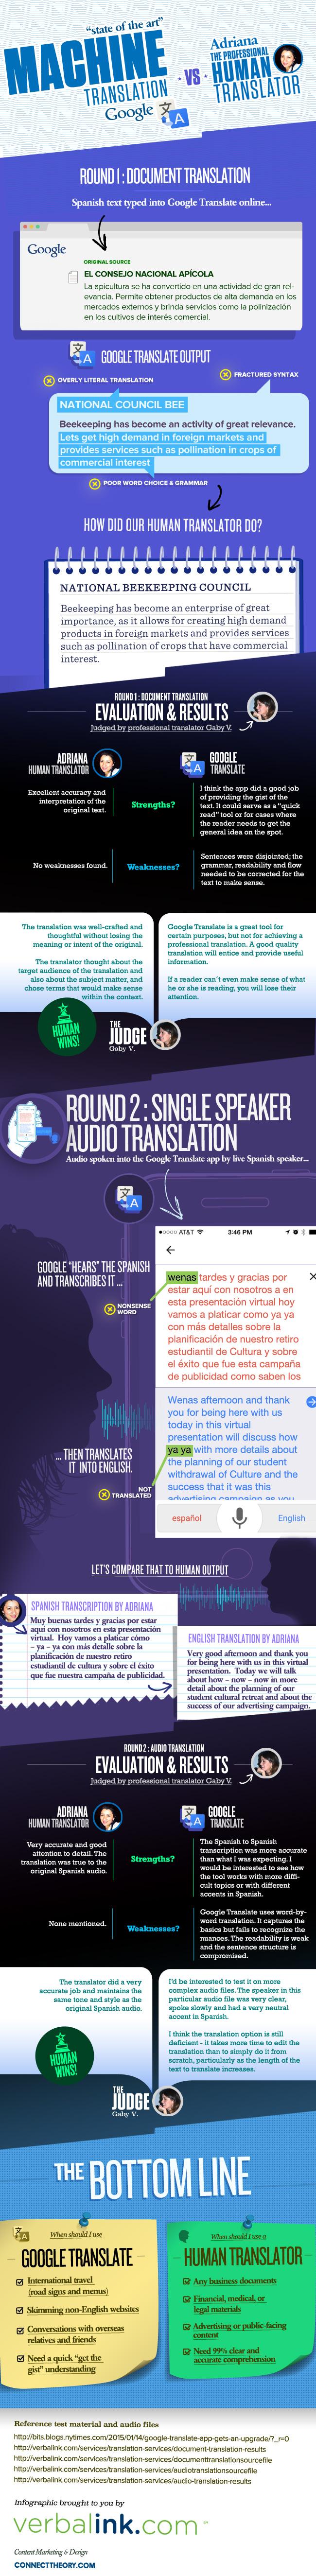 Traductor de Google vs Traductor humano